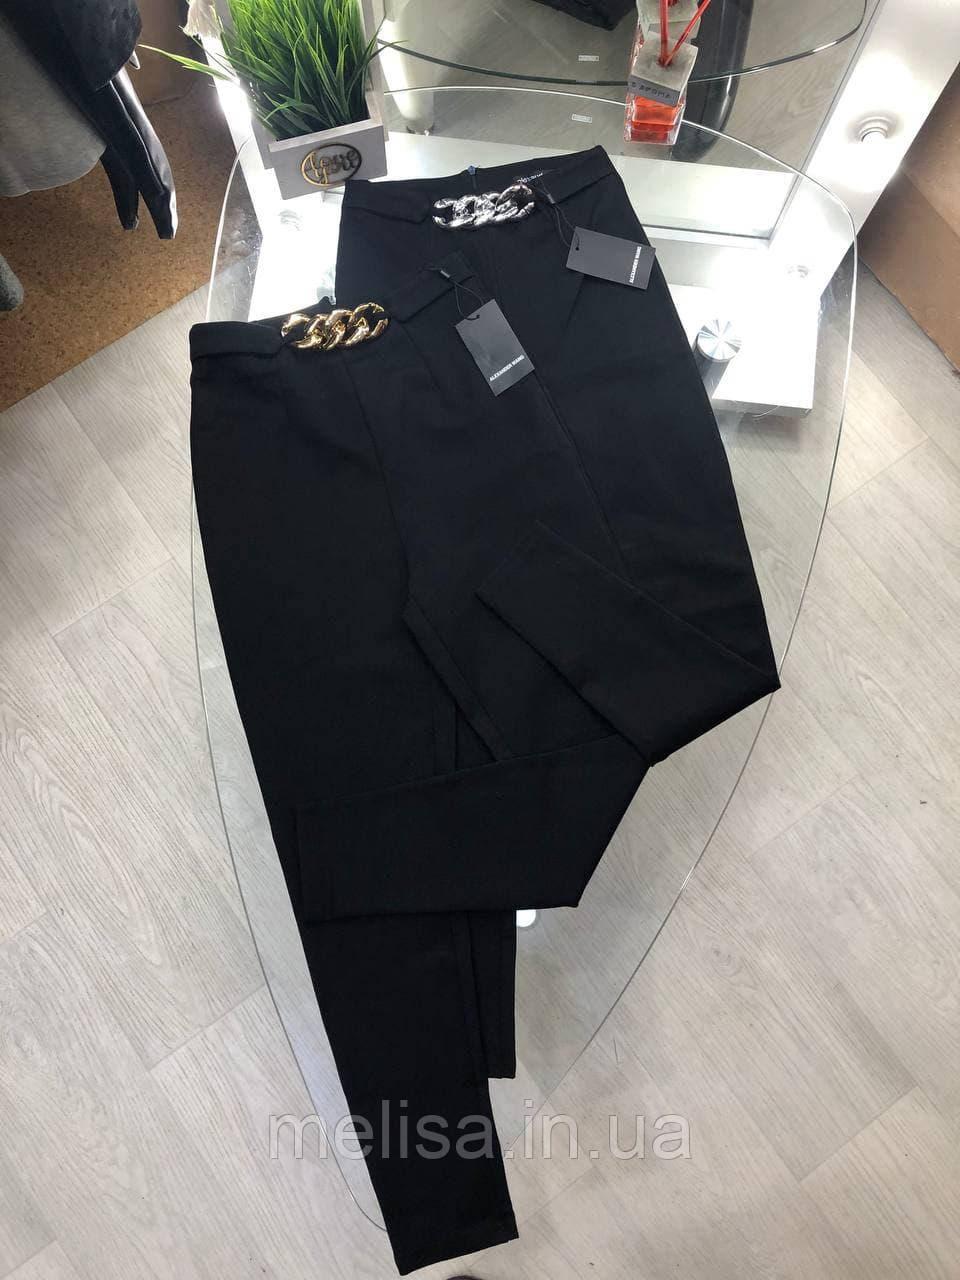 Джинси, брюки, легінси